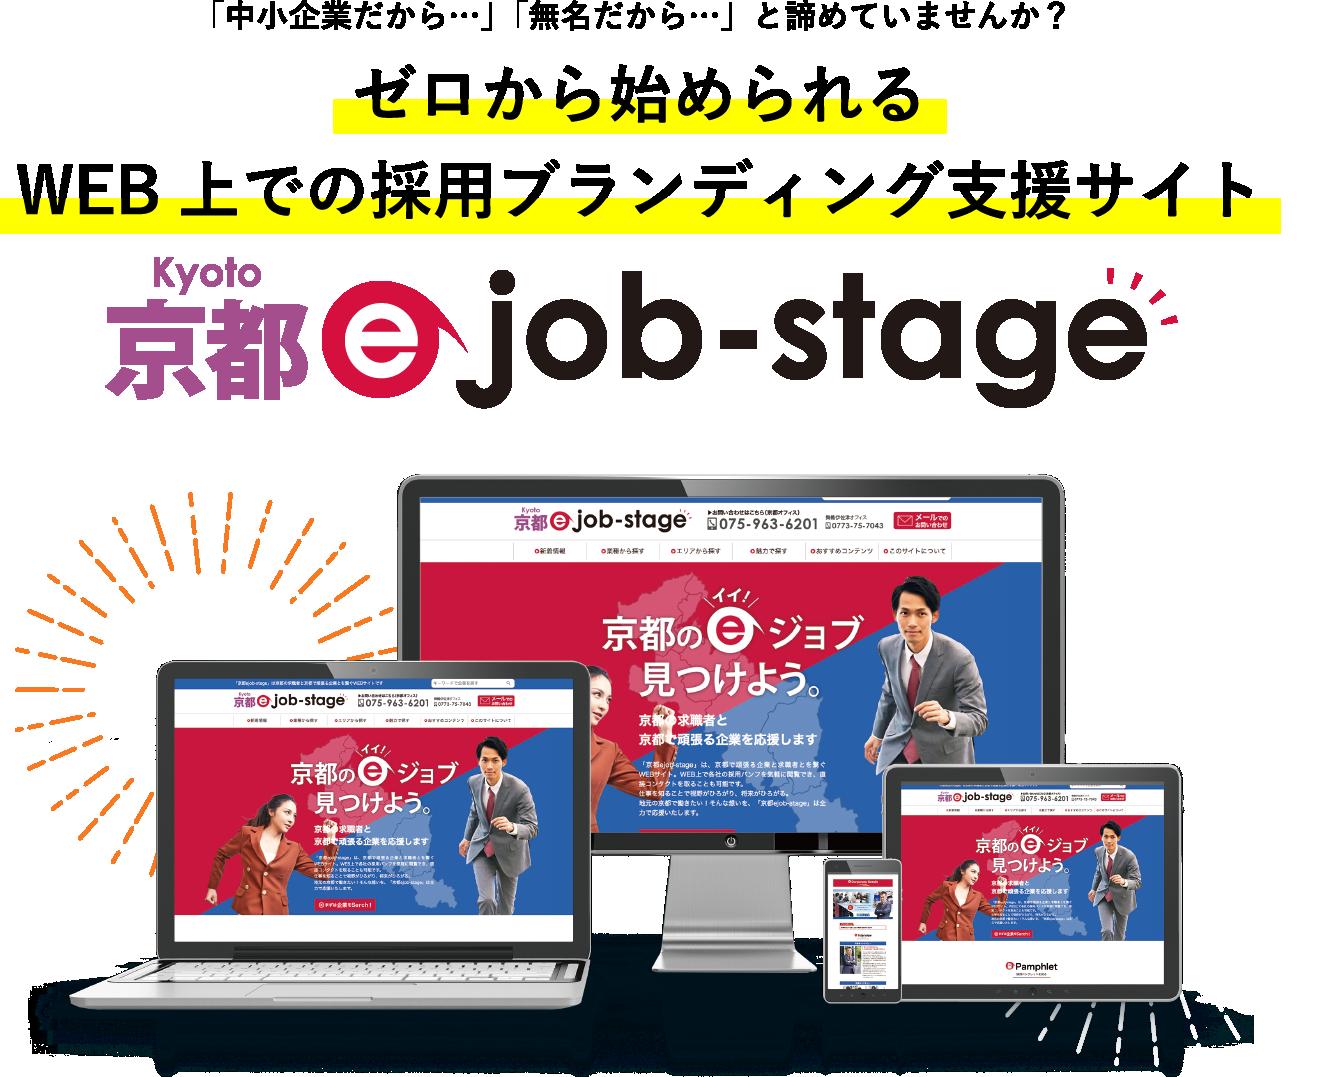 ゼロから始められるWEB上での採用ブランディング支援サイト京都ejob-stage